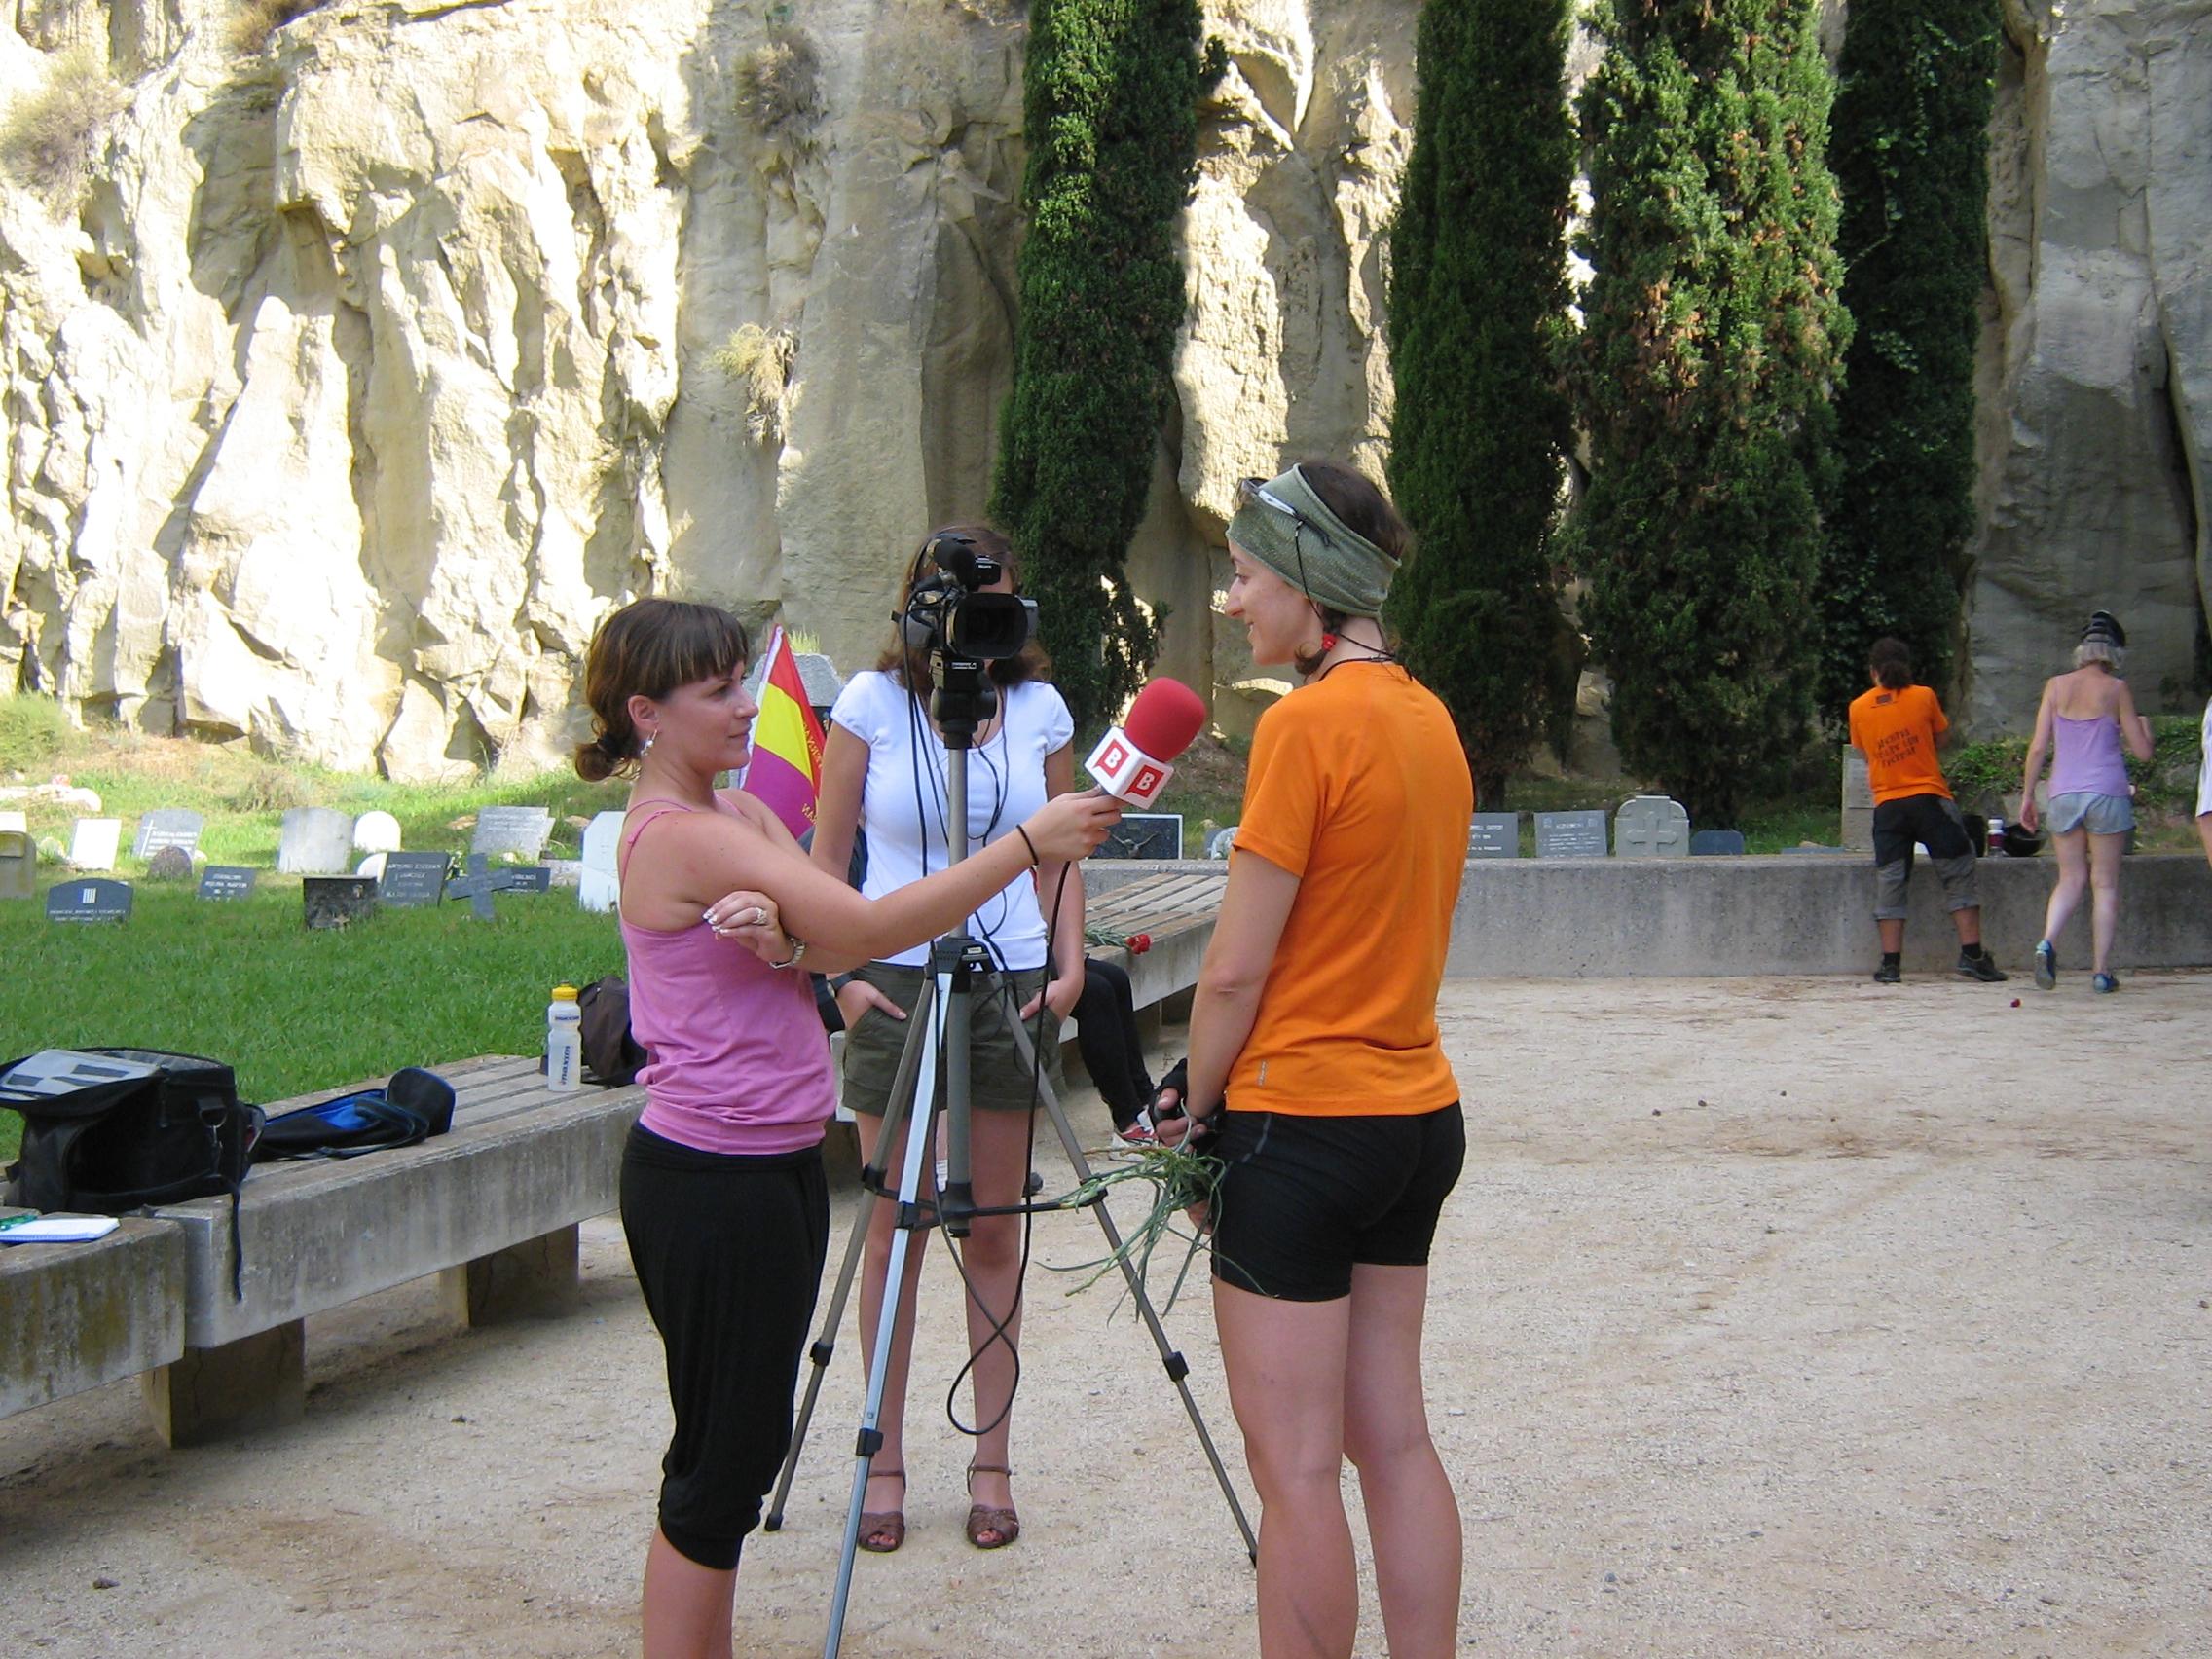 Anna being interviewed